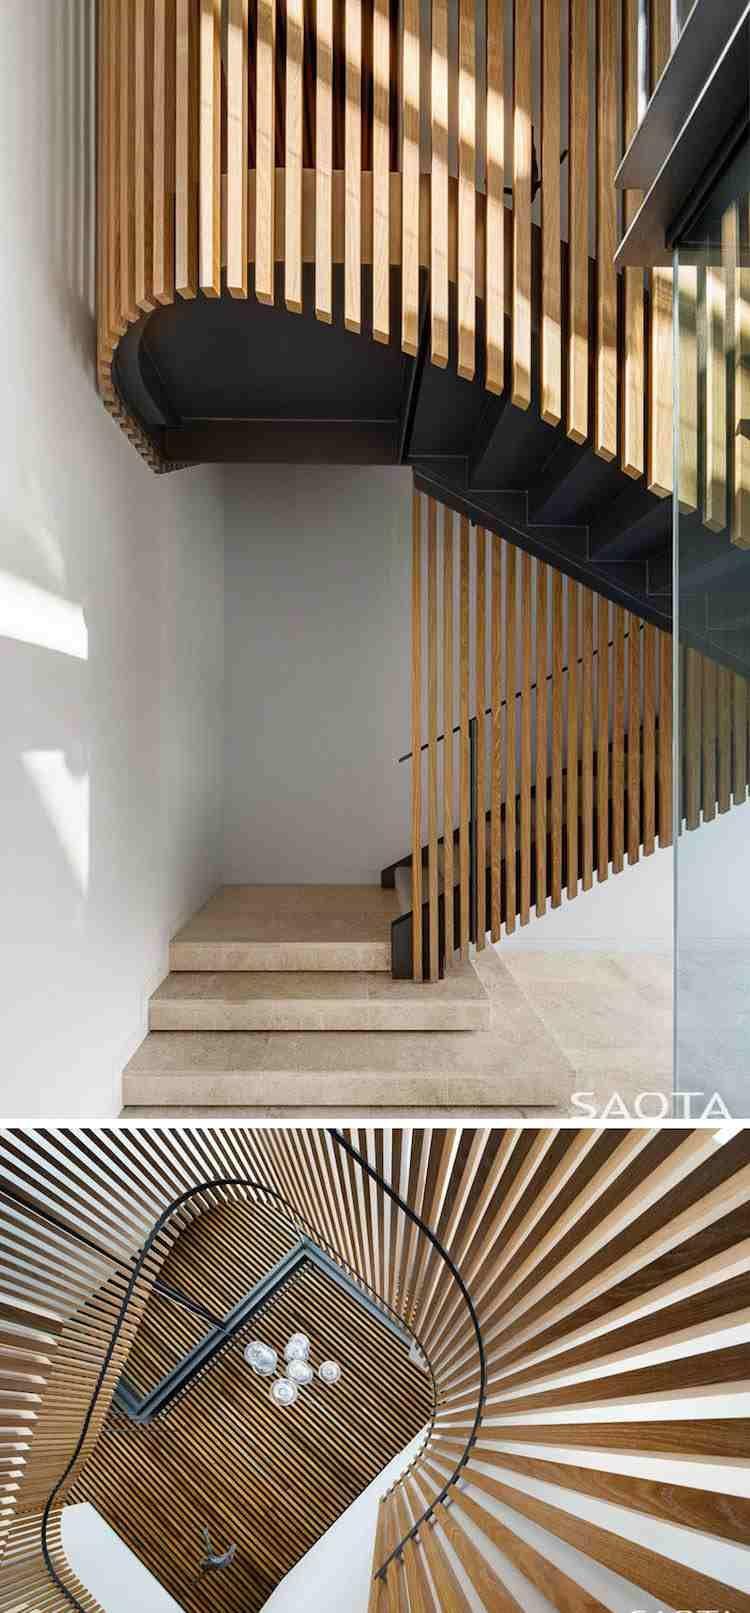 Home design exterieur und interieur clairevoie en matériaux variés pour luintérieur et luextérieur de